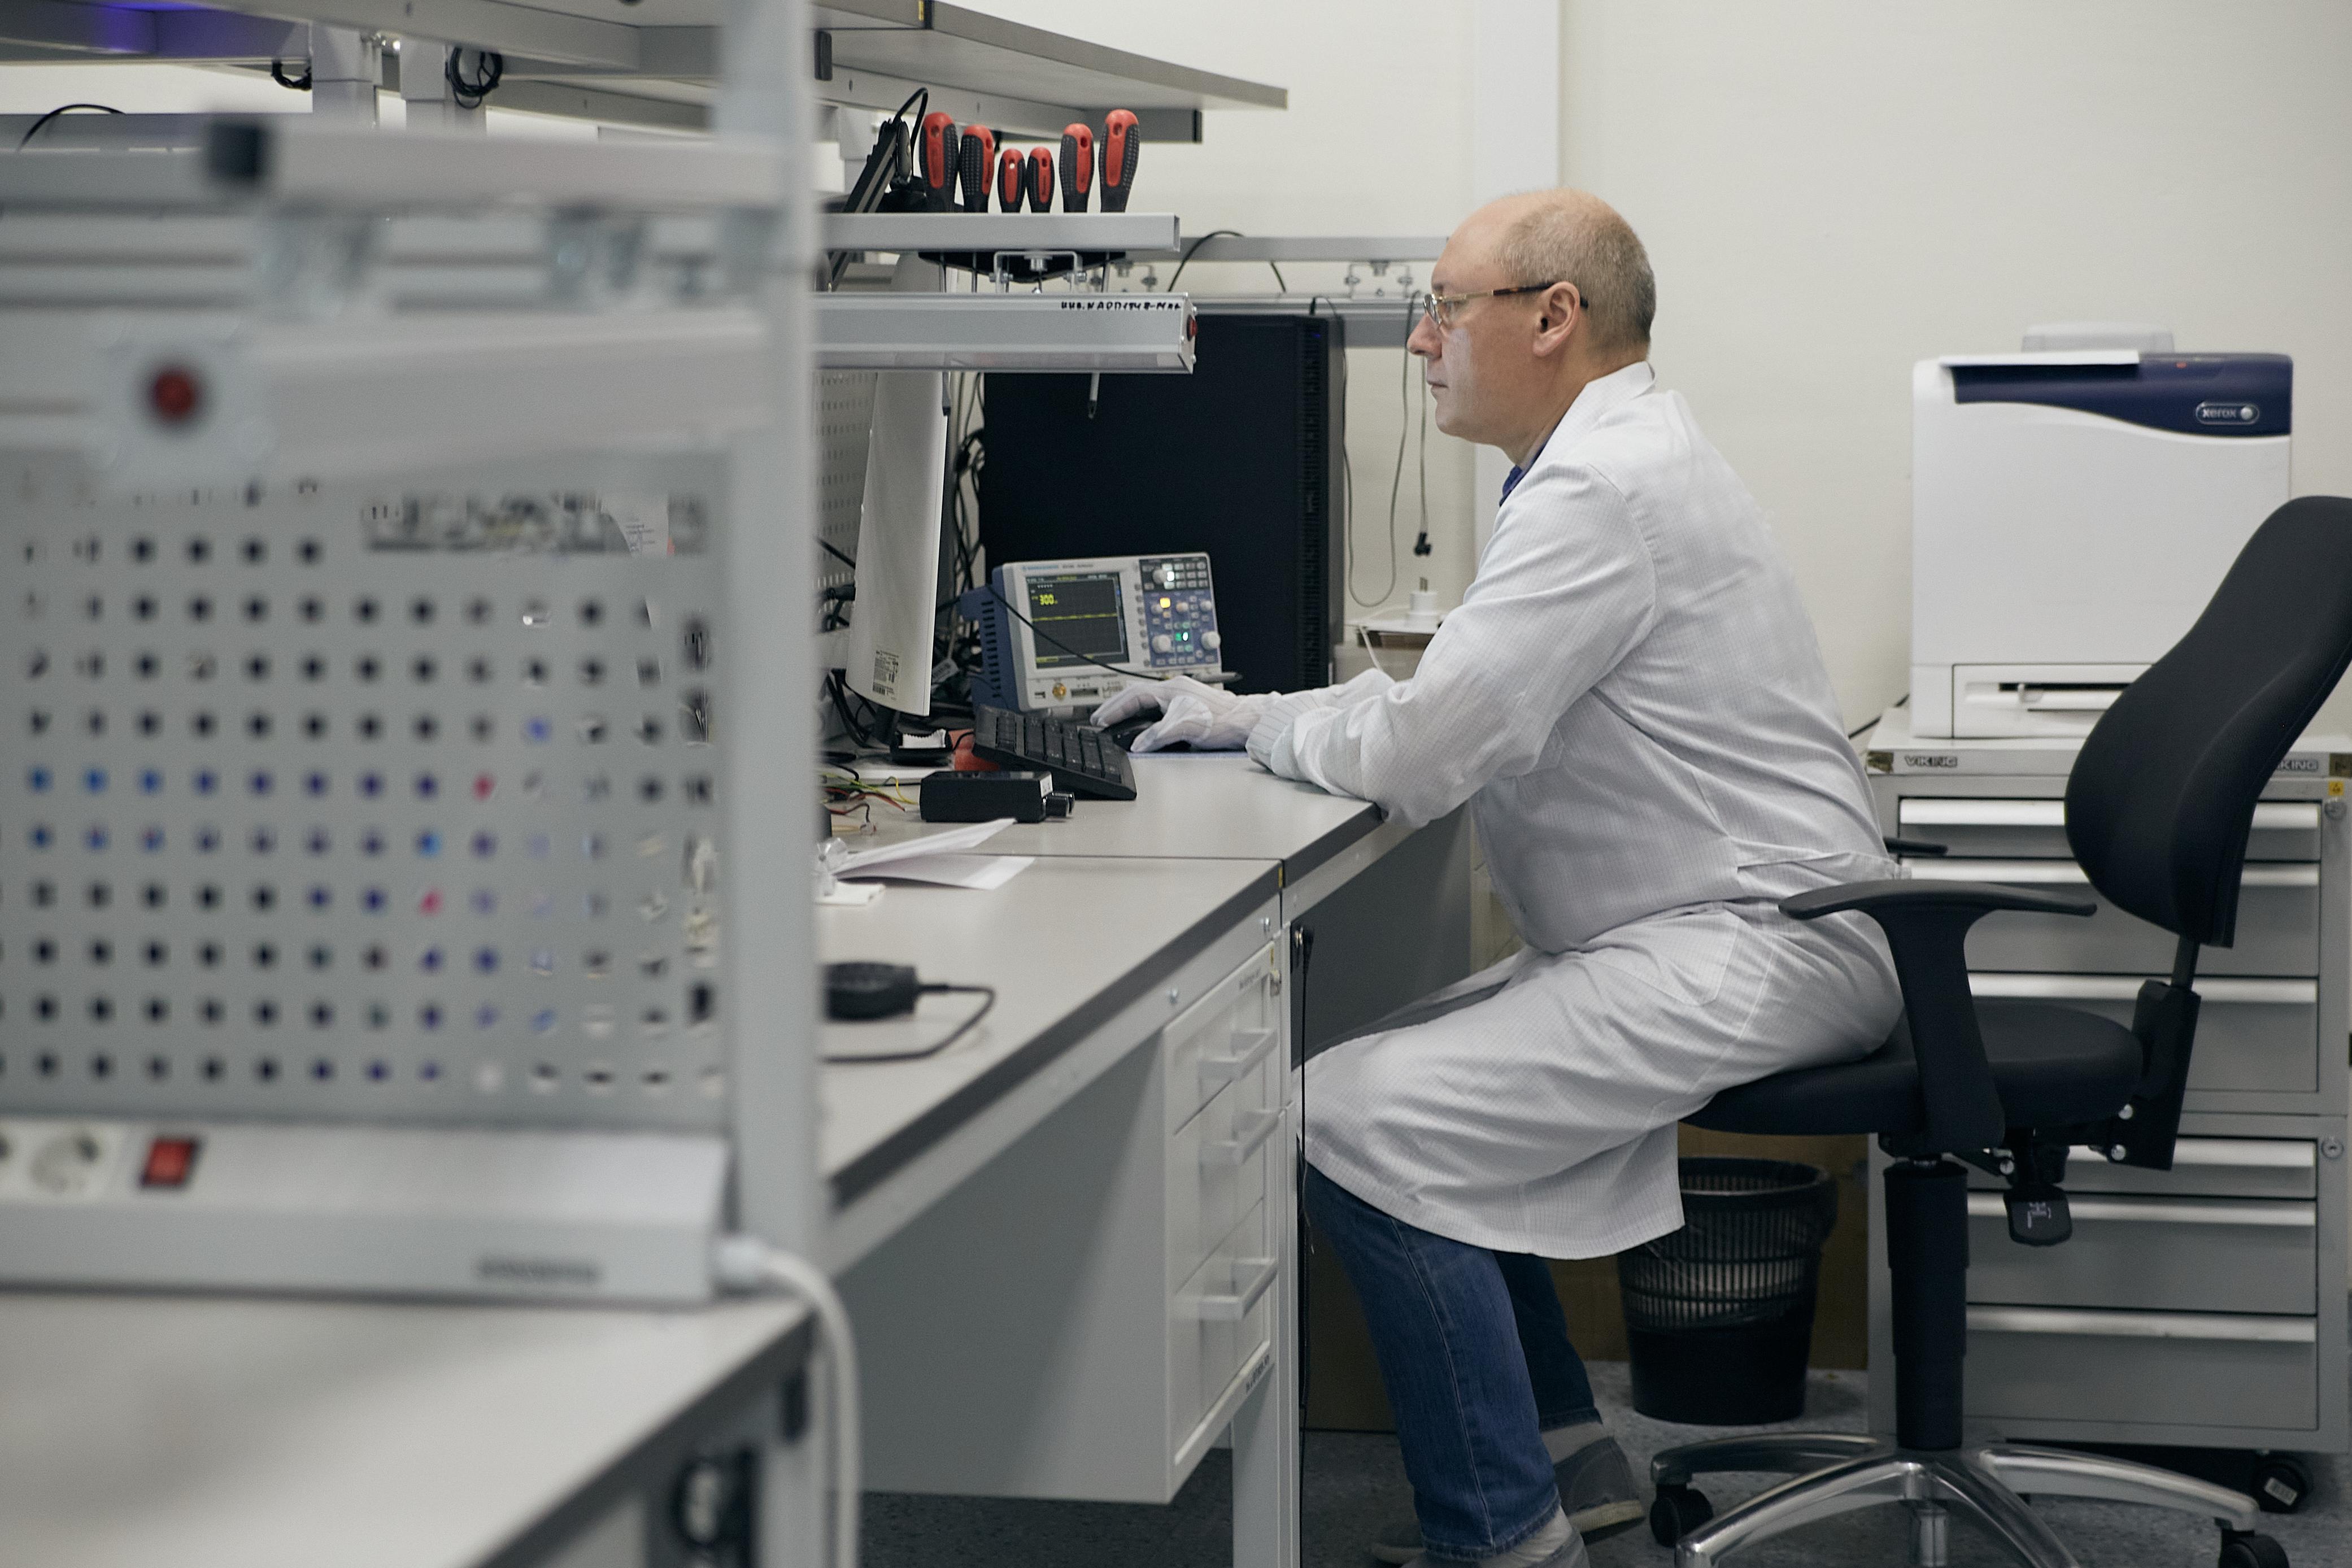 РИЦ РЭП: Разработка радиоэлектронных приборов